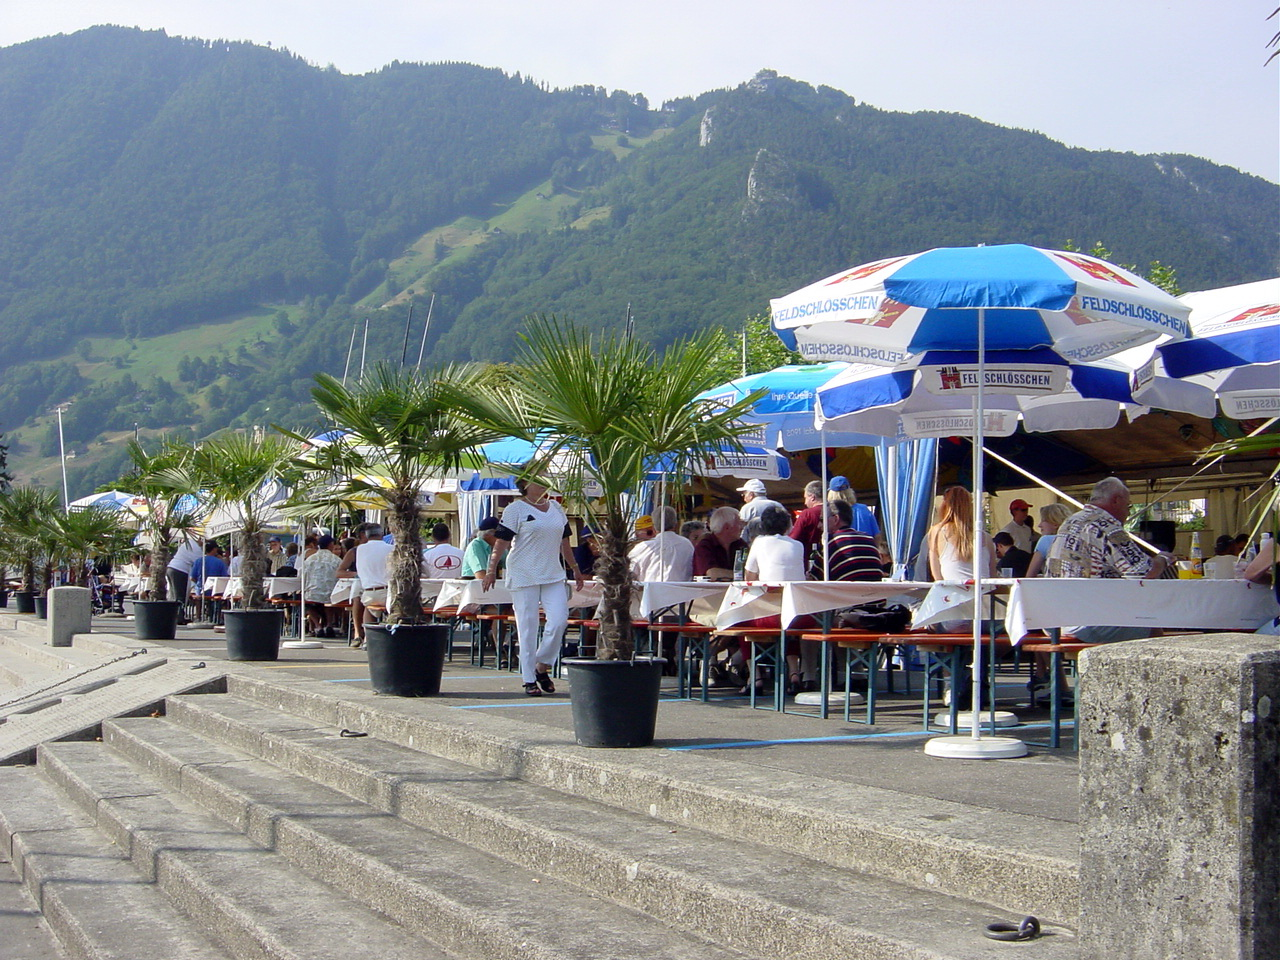 igf-hafenfest-brunnen-2003-08